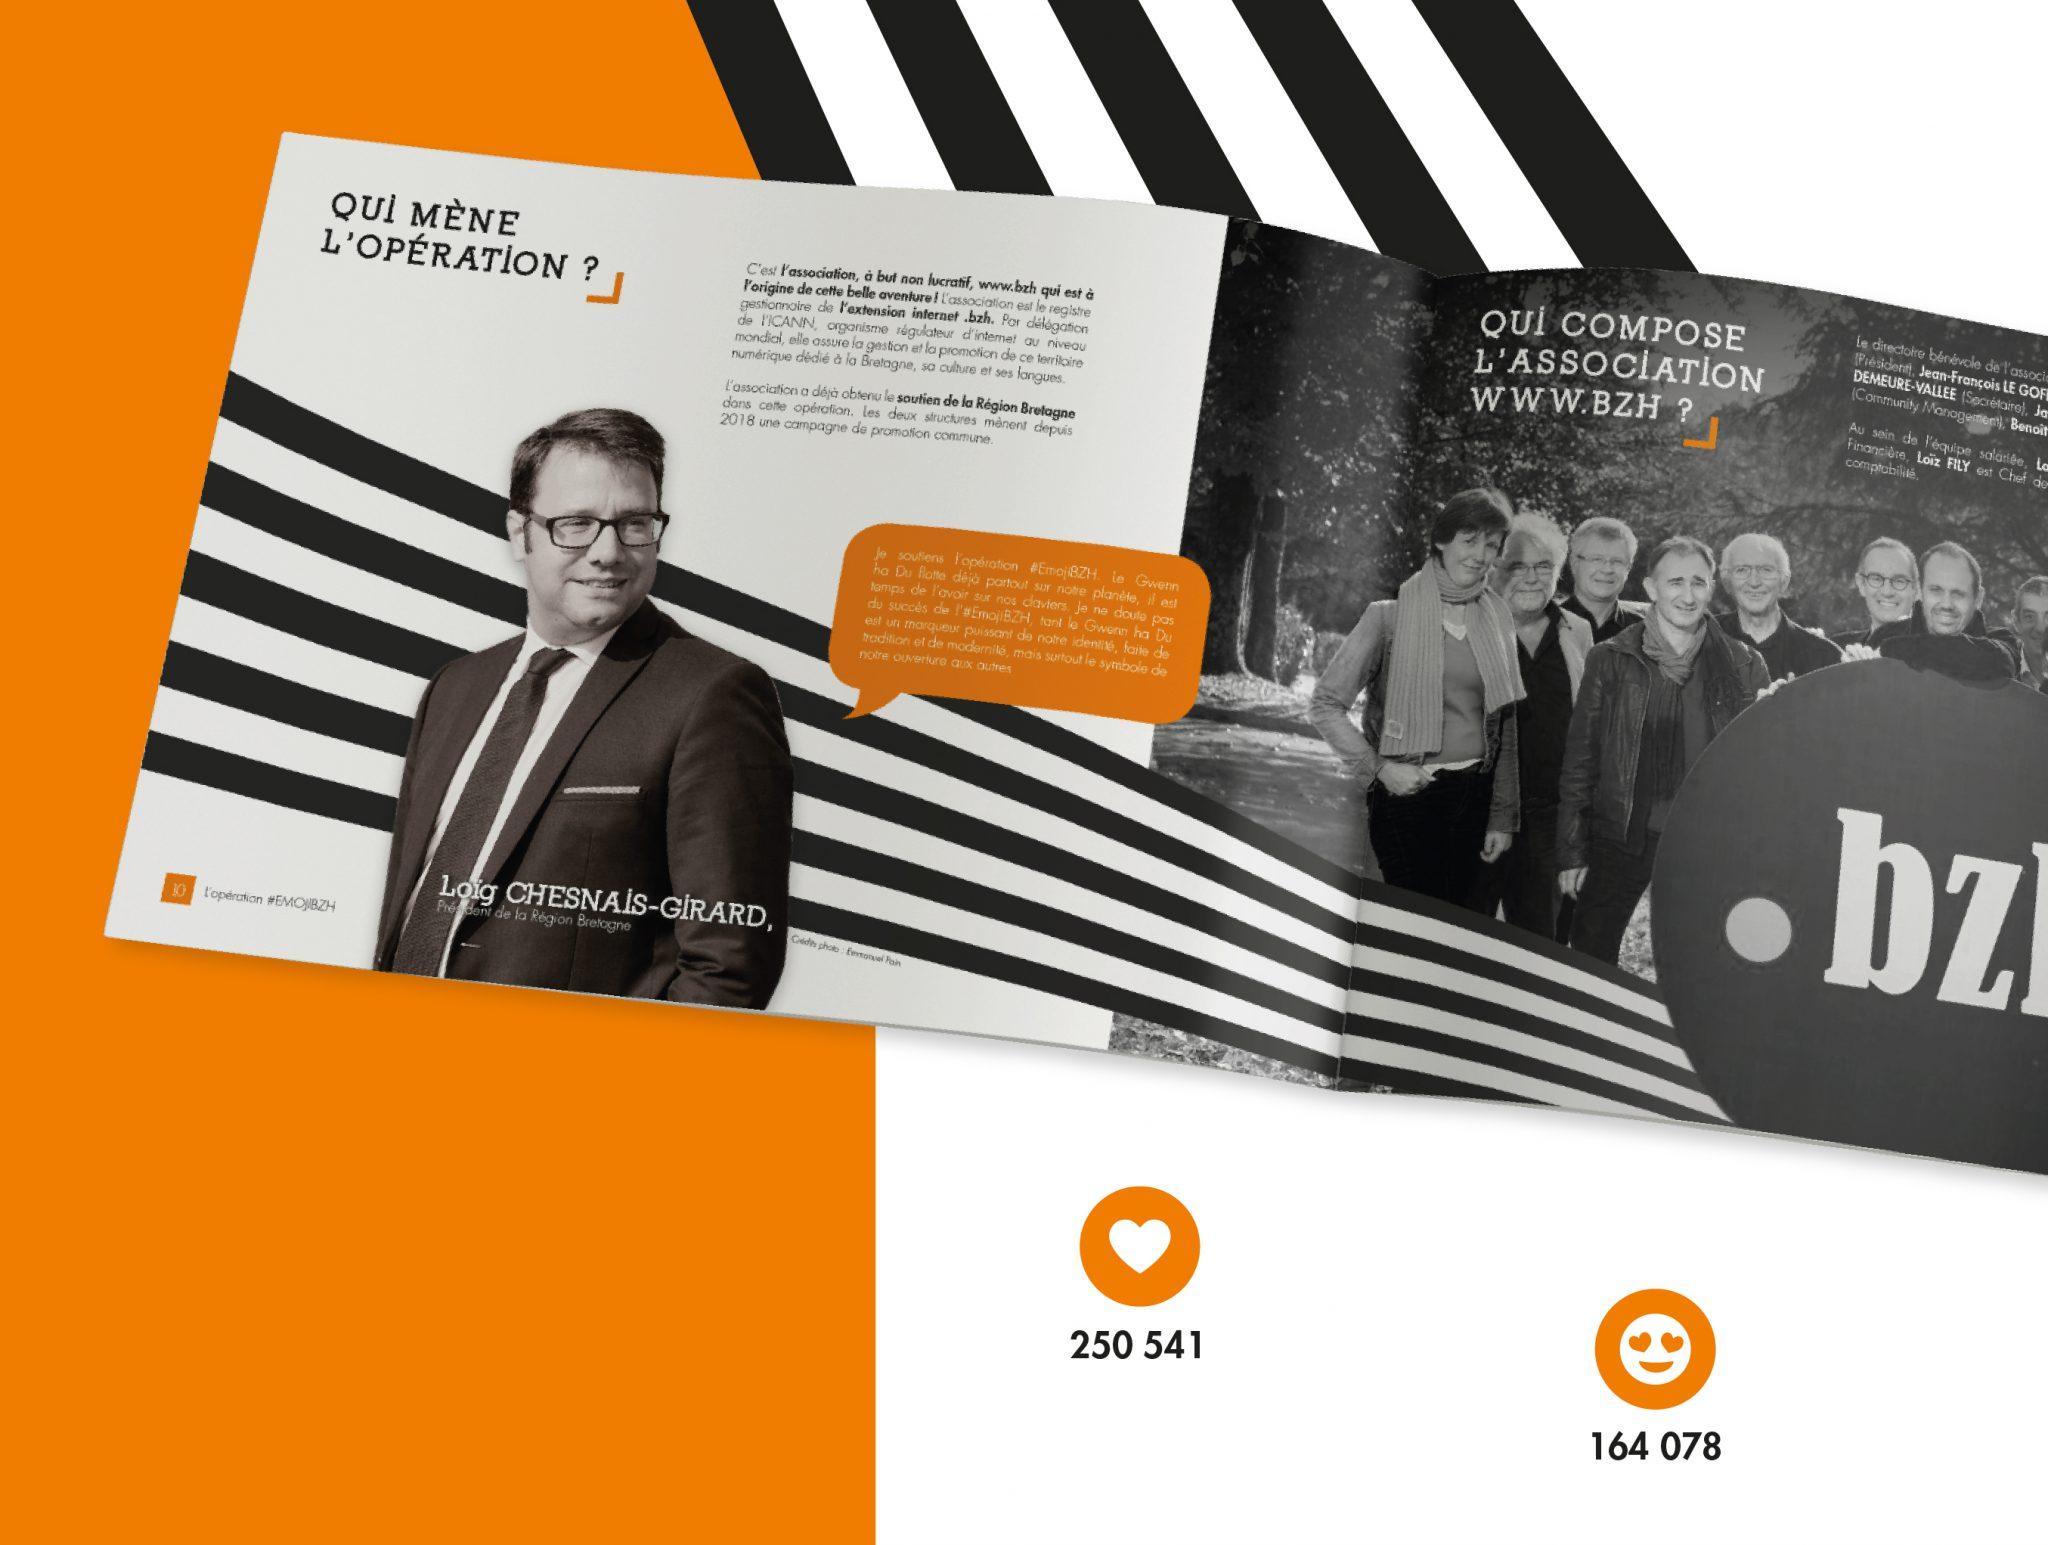 POINT-BZH-bretagne-breton-drapeau-emoji-communication-dossier-partenaires-lorient